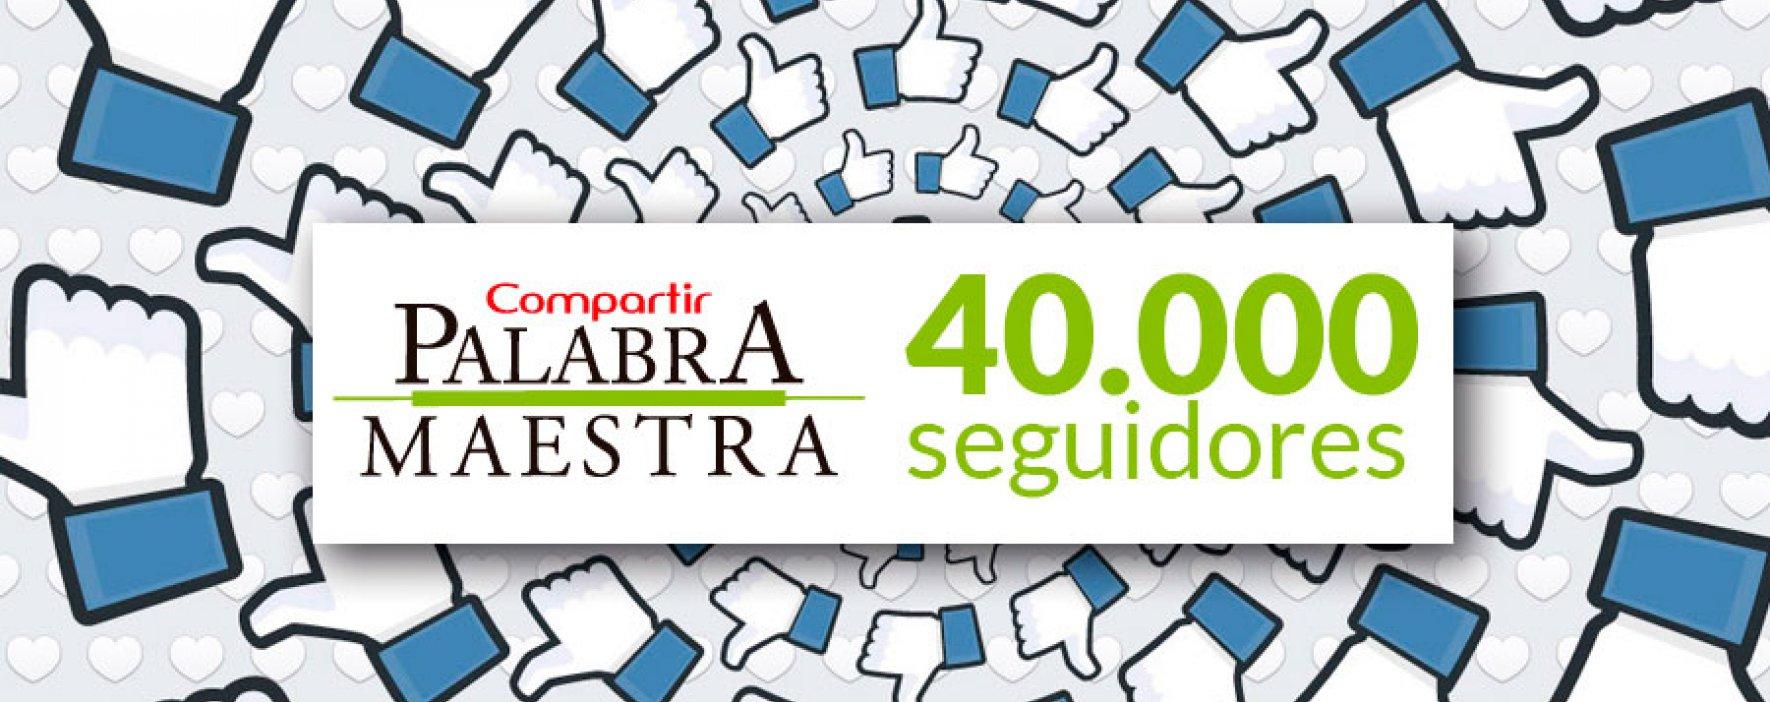 ¡Una nueva meta! Palabra Maestra llegó a 40.000 seguidores en Facebook